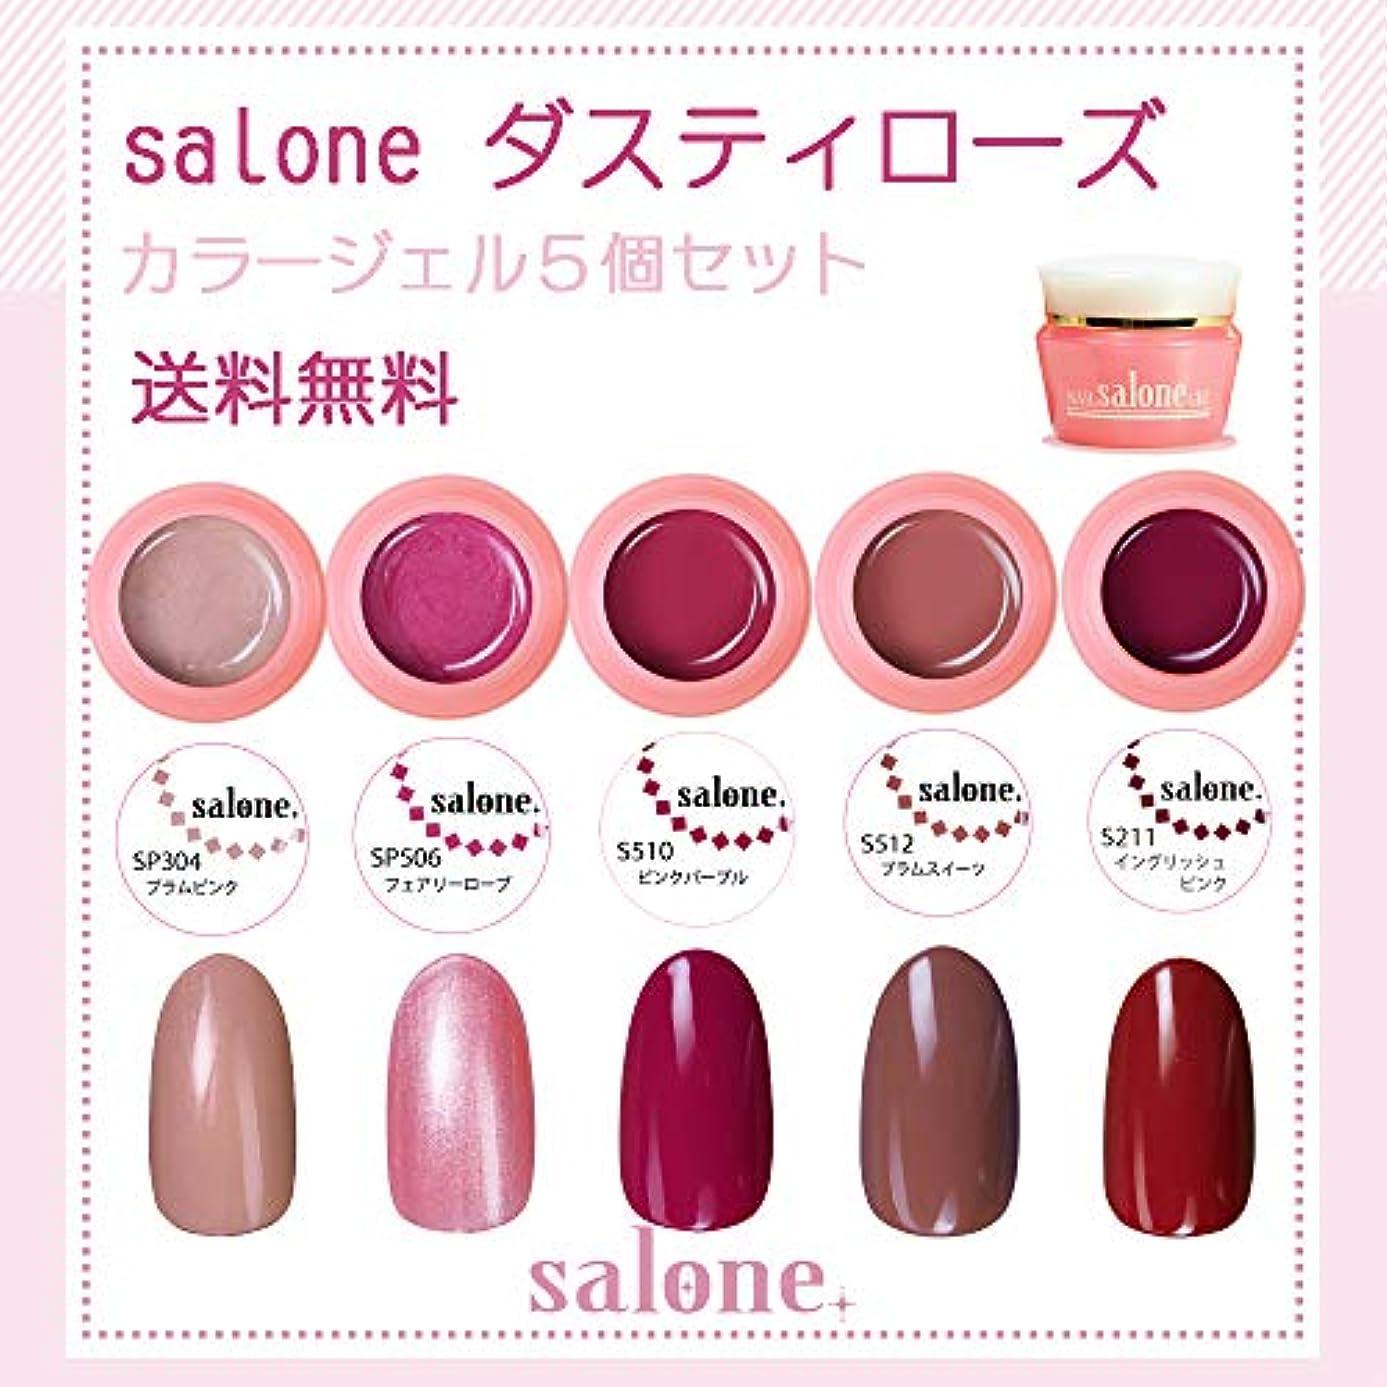 勝利した胆嚢経過【送料無料 日本製】Salone ダスティローズ カラージェル5個セット ネイルのマストカラーのローズ系カラー